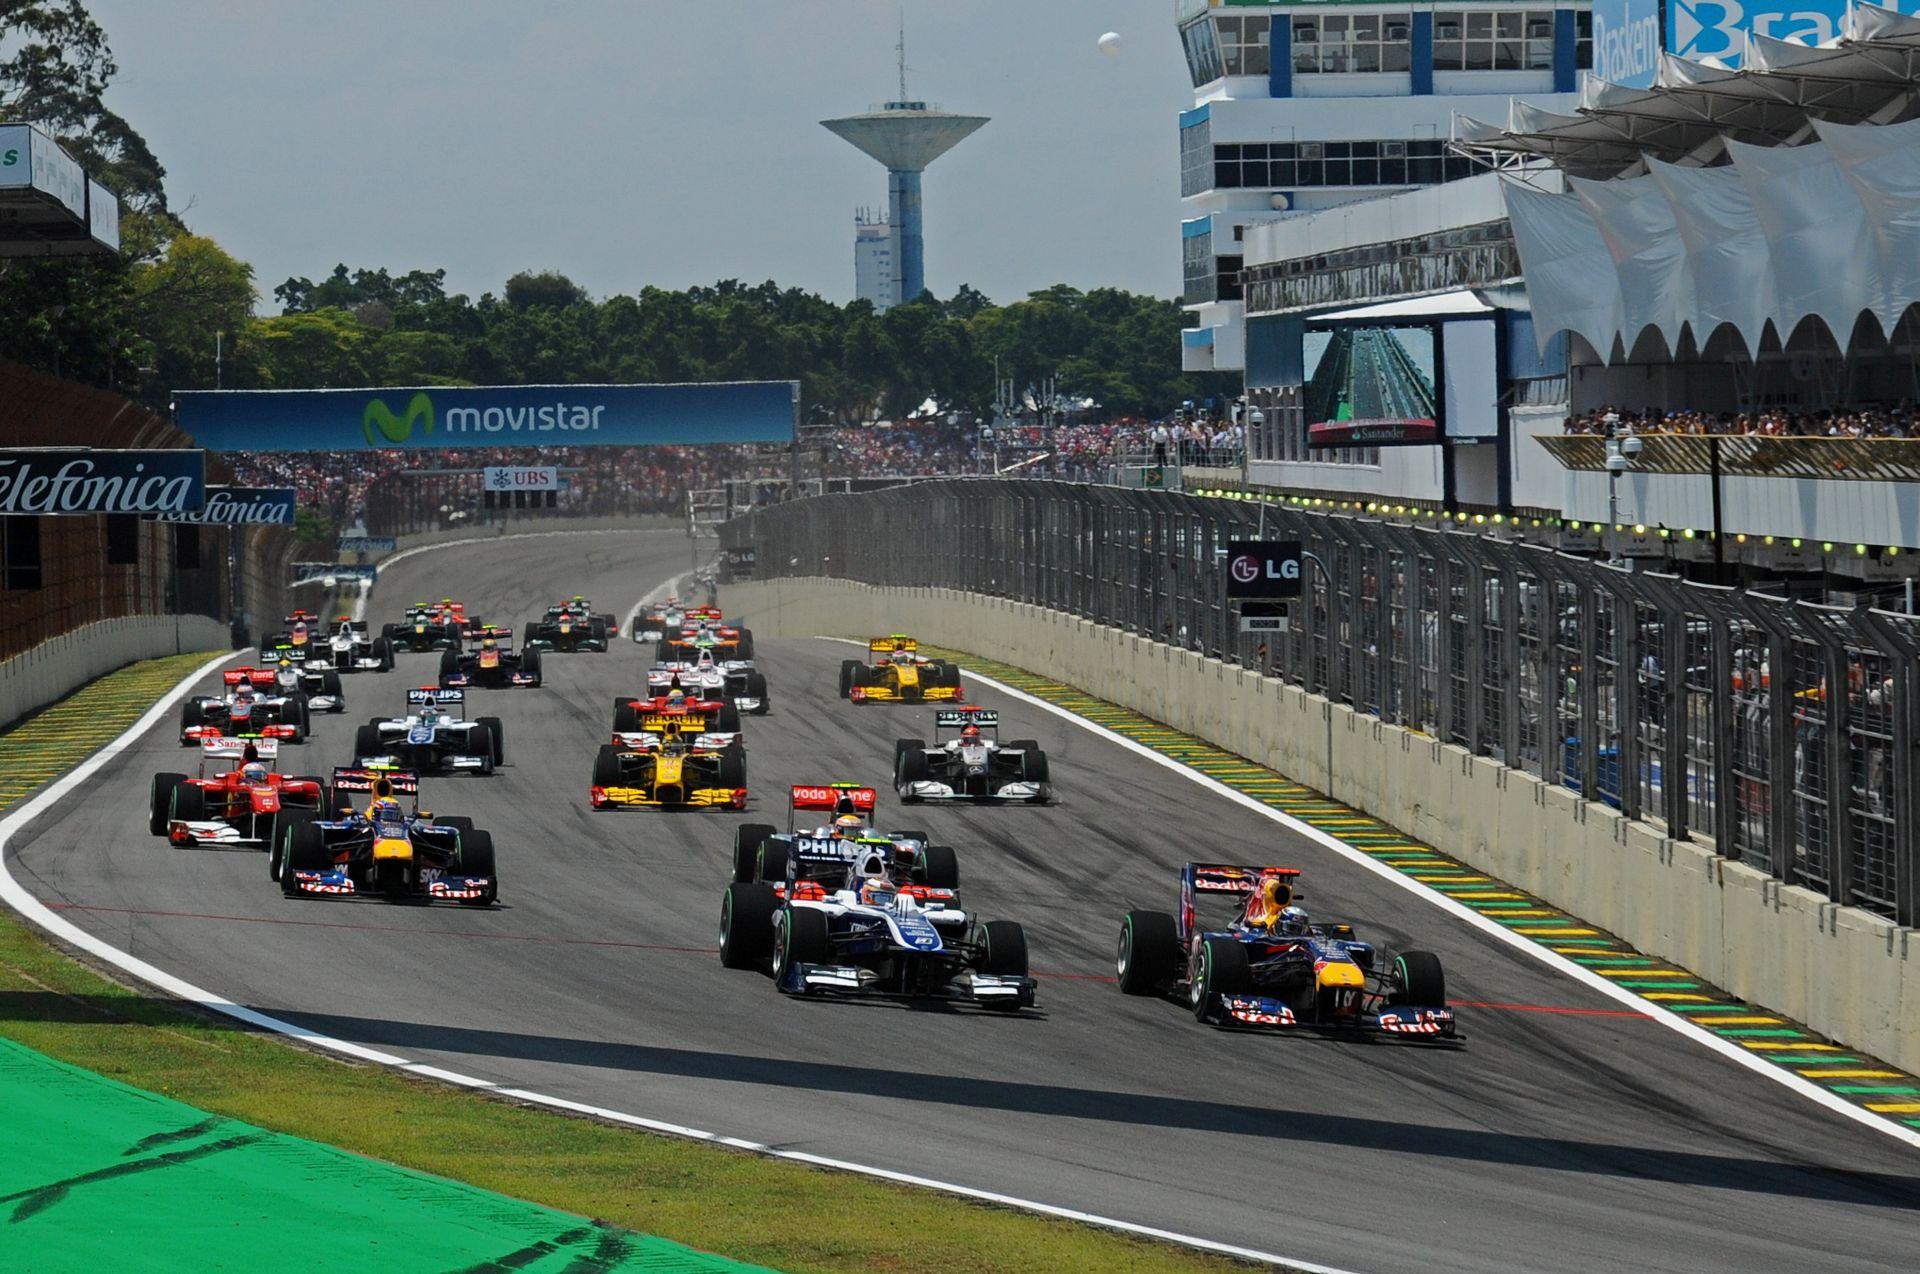 Képen a szétzúzás alatt álló brazil F1-es pálya